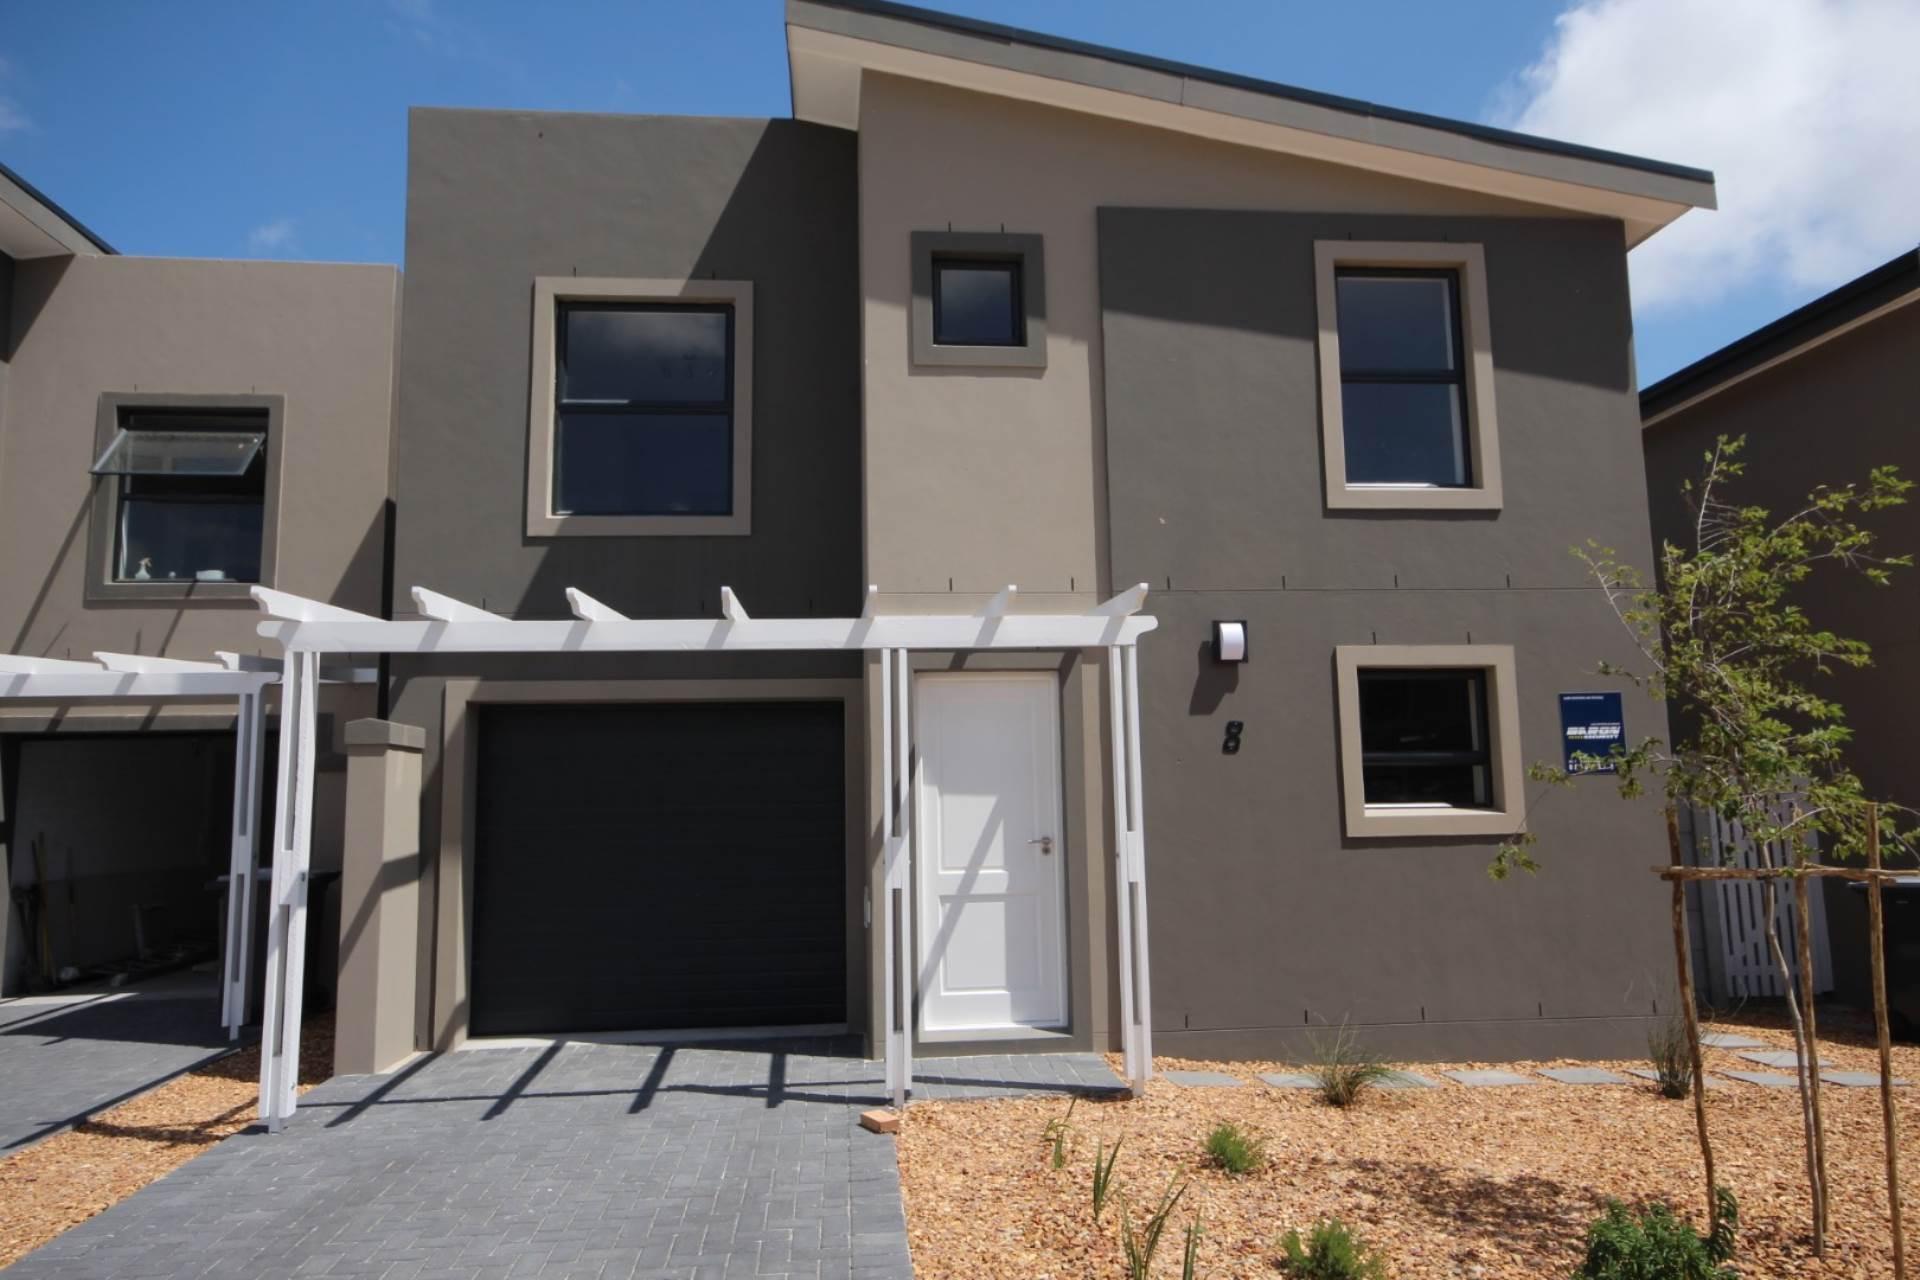 3 BedroomTownhouse To Rent In Kraaifontein